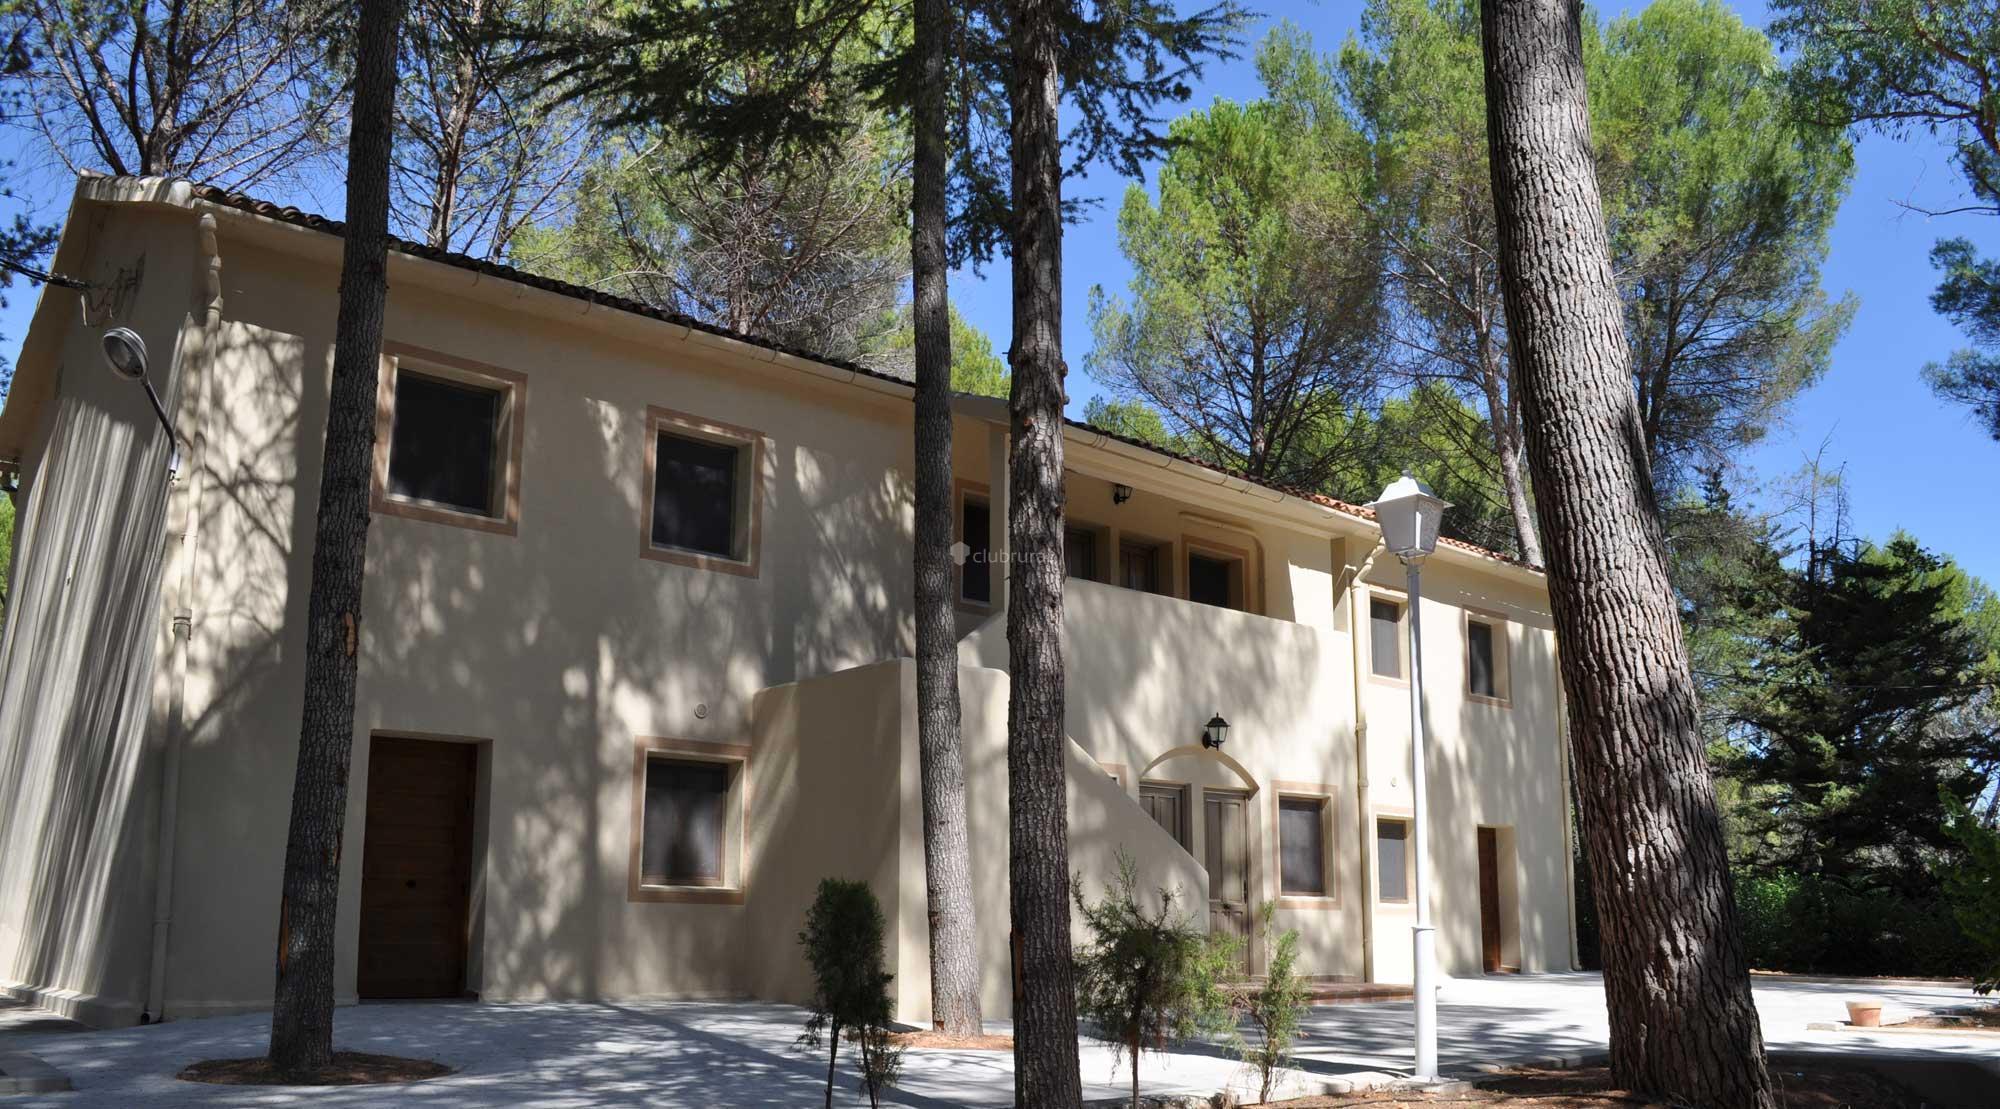 Fotos de albergue rural hervideros valencia cofrentes clubrural - Ofertas casas rurales valencia ...